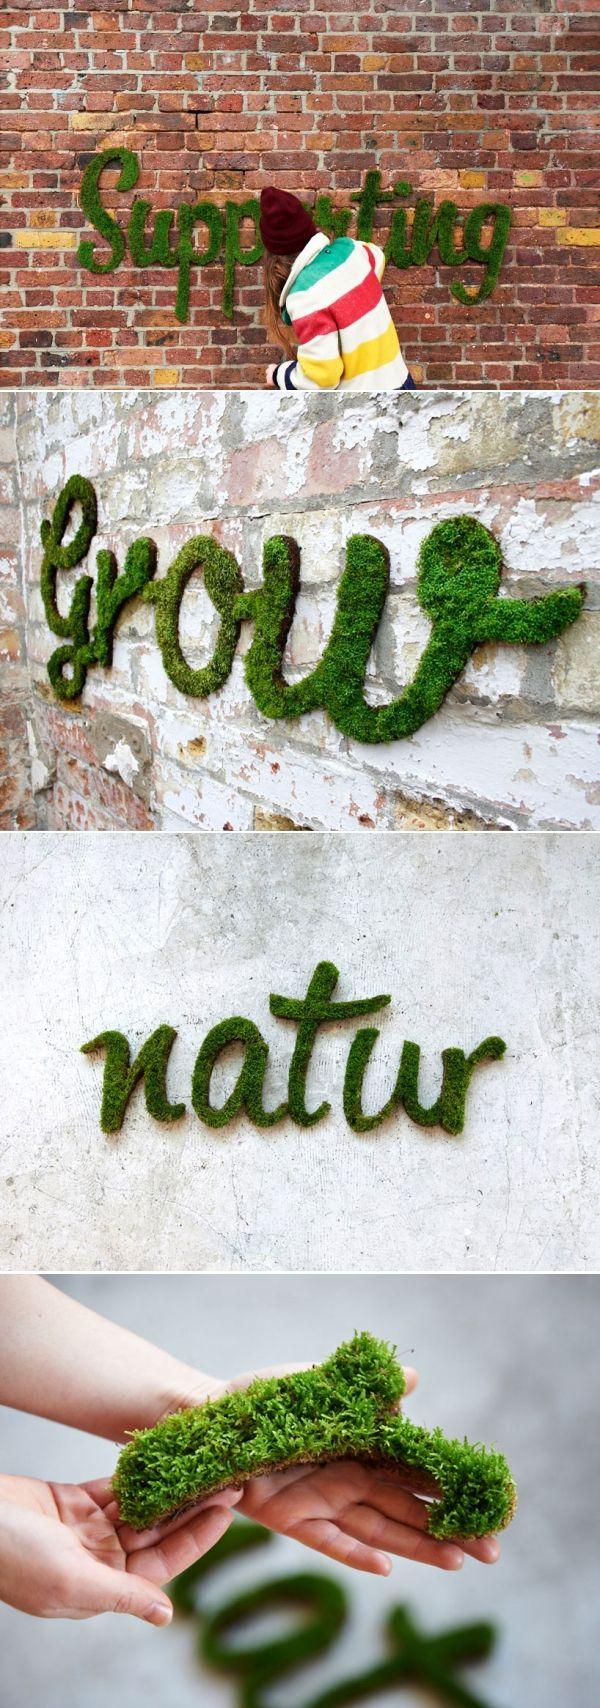 Ideas Sorprendentes para Decorar la Valla de tu Jardín